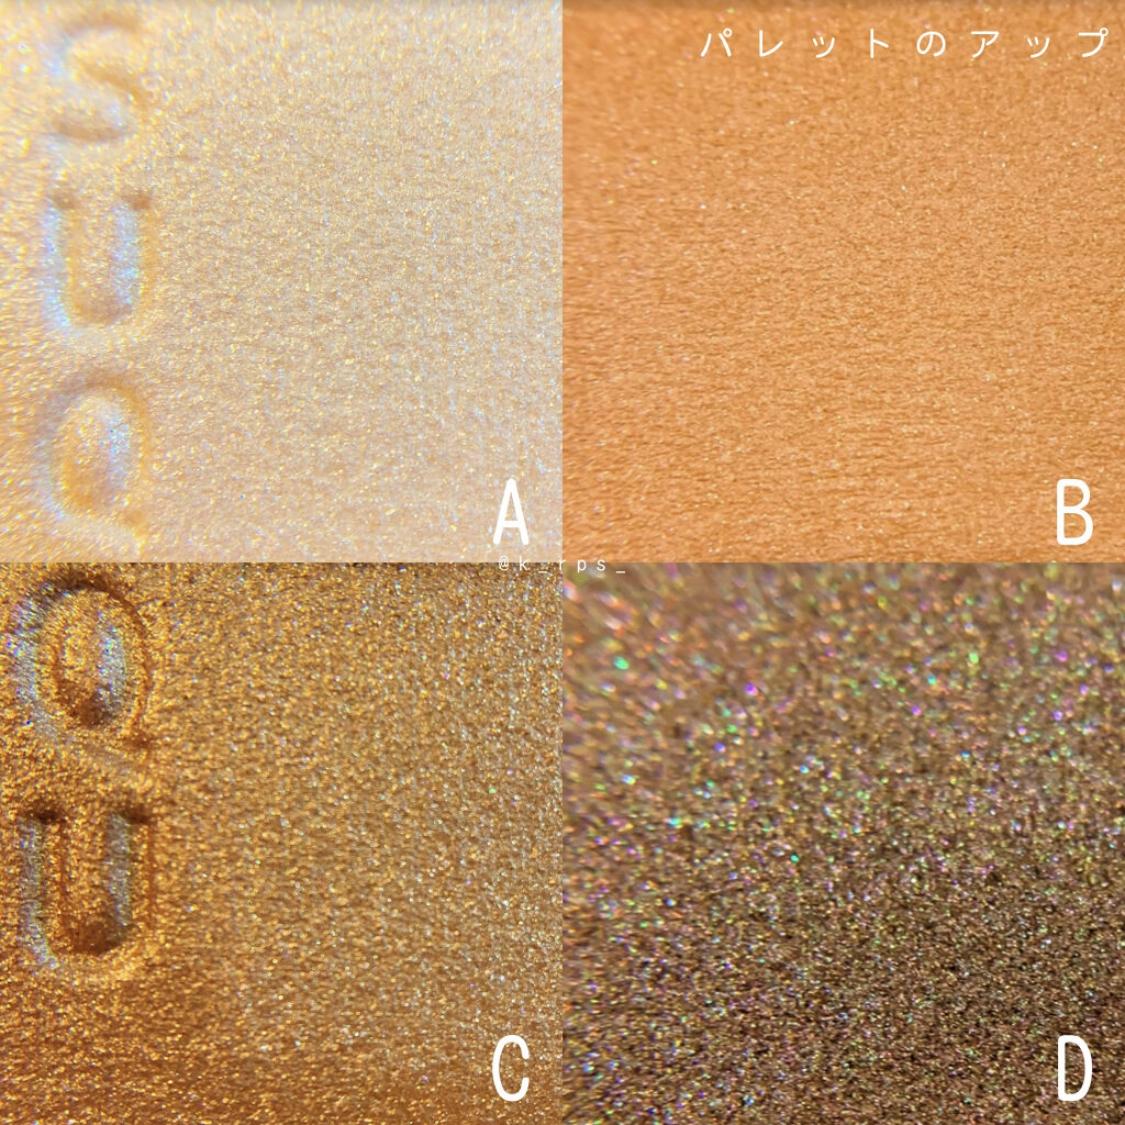 SUQQU(スック) シグニチャー カラー アイズを使ったKeiさんのクチコミ画像3